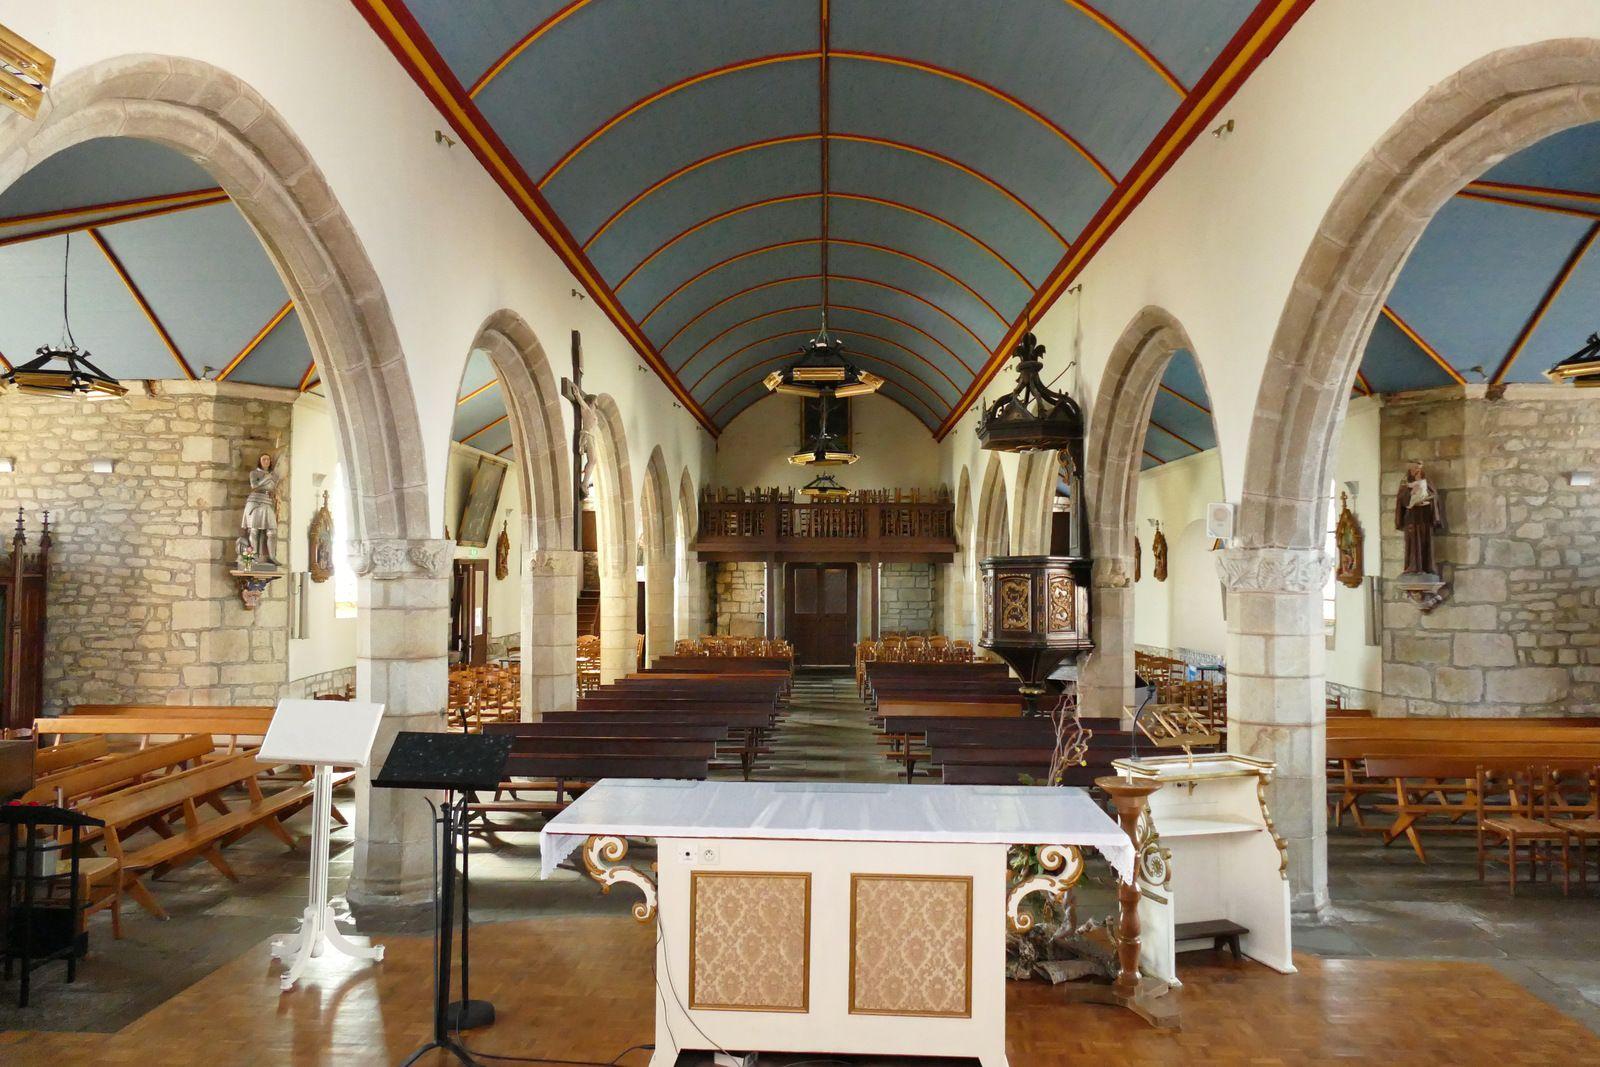 Église Saint-Collodan de Plogoff. Photographie lavieb-aile mars 2020.